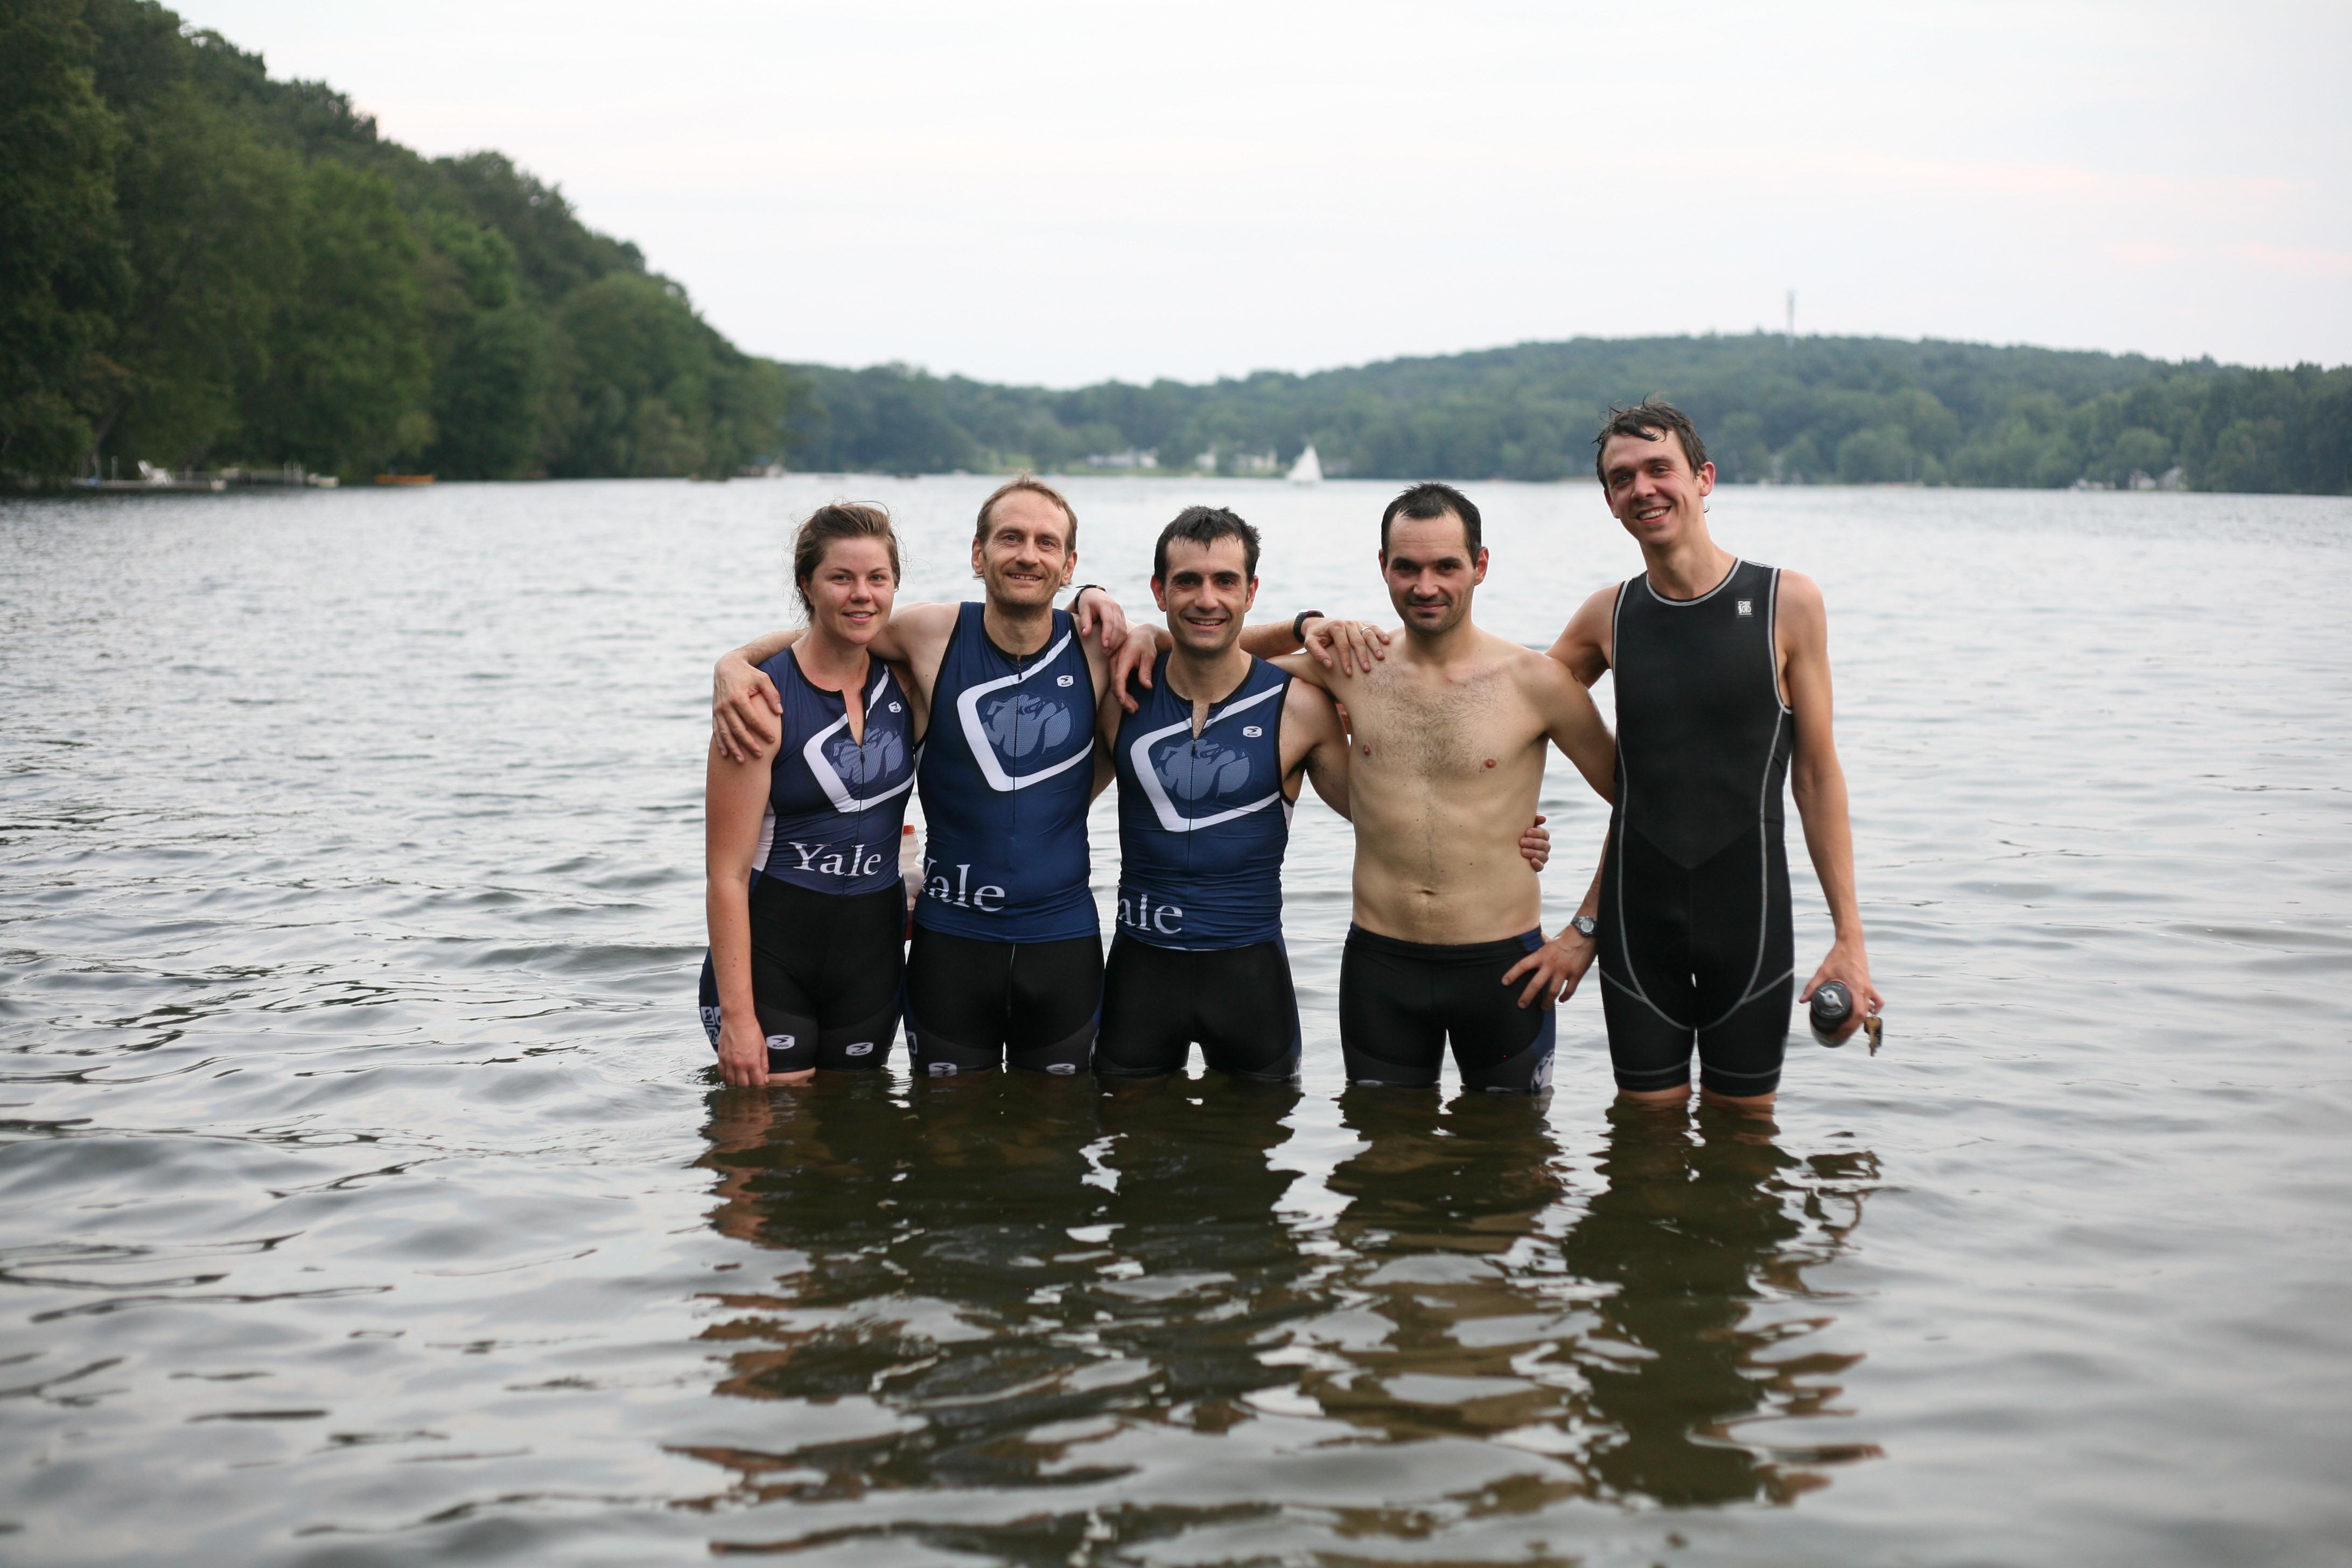 Pics from summer Tris | Yale Triathlon Club